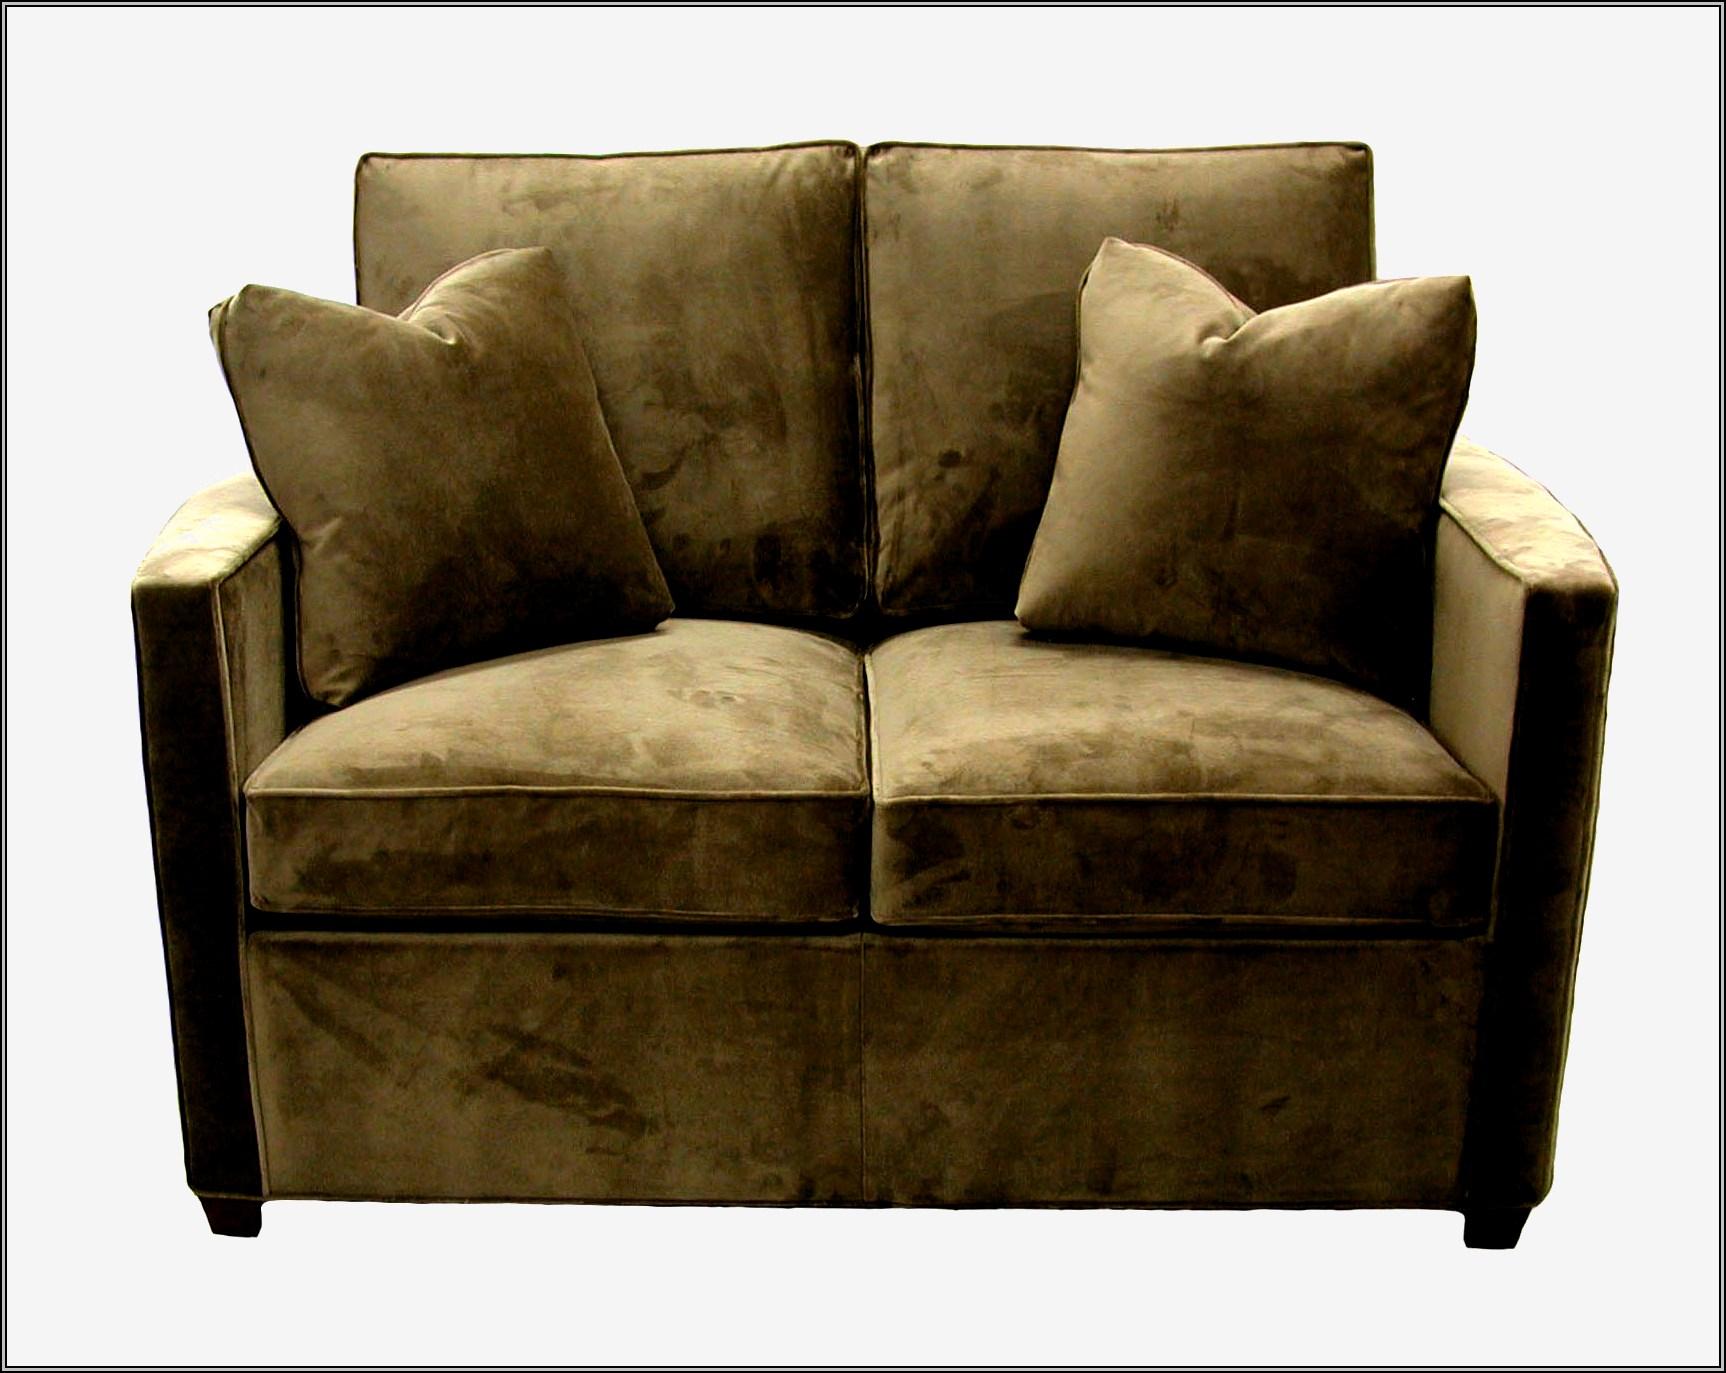 Twin Sleeper Chair Macy's